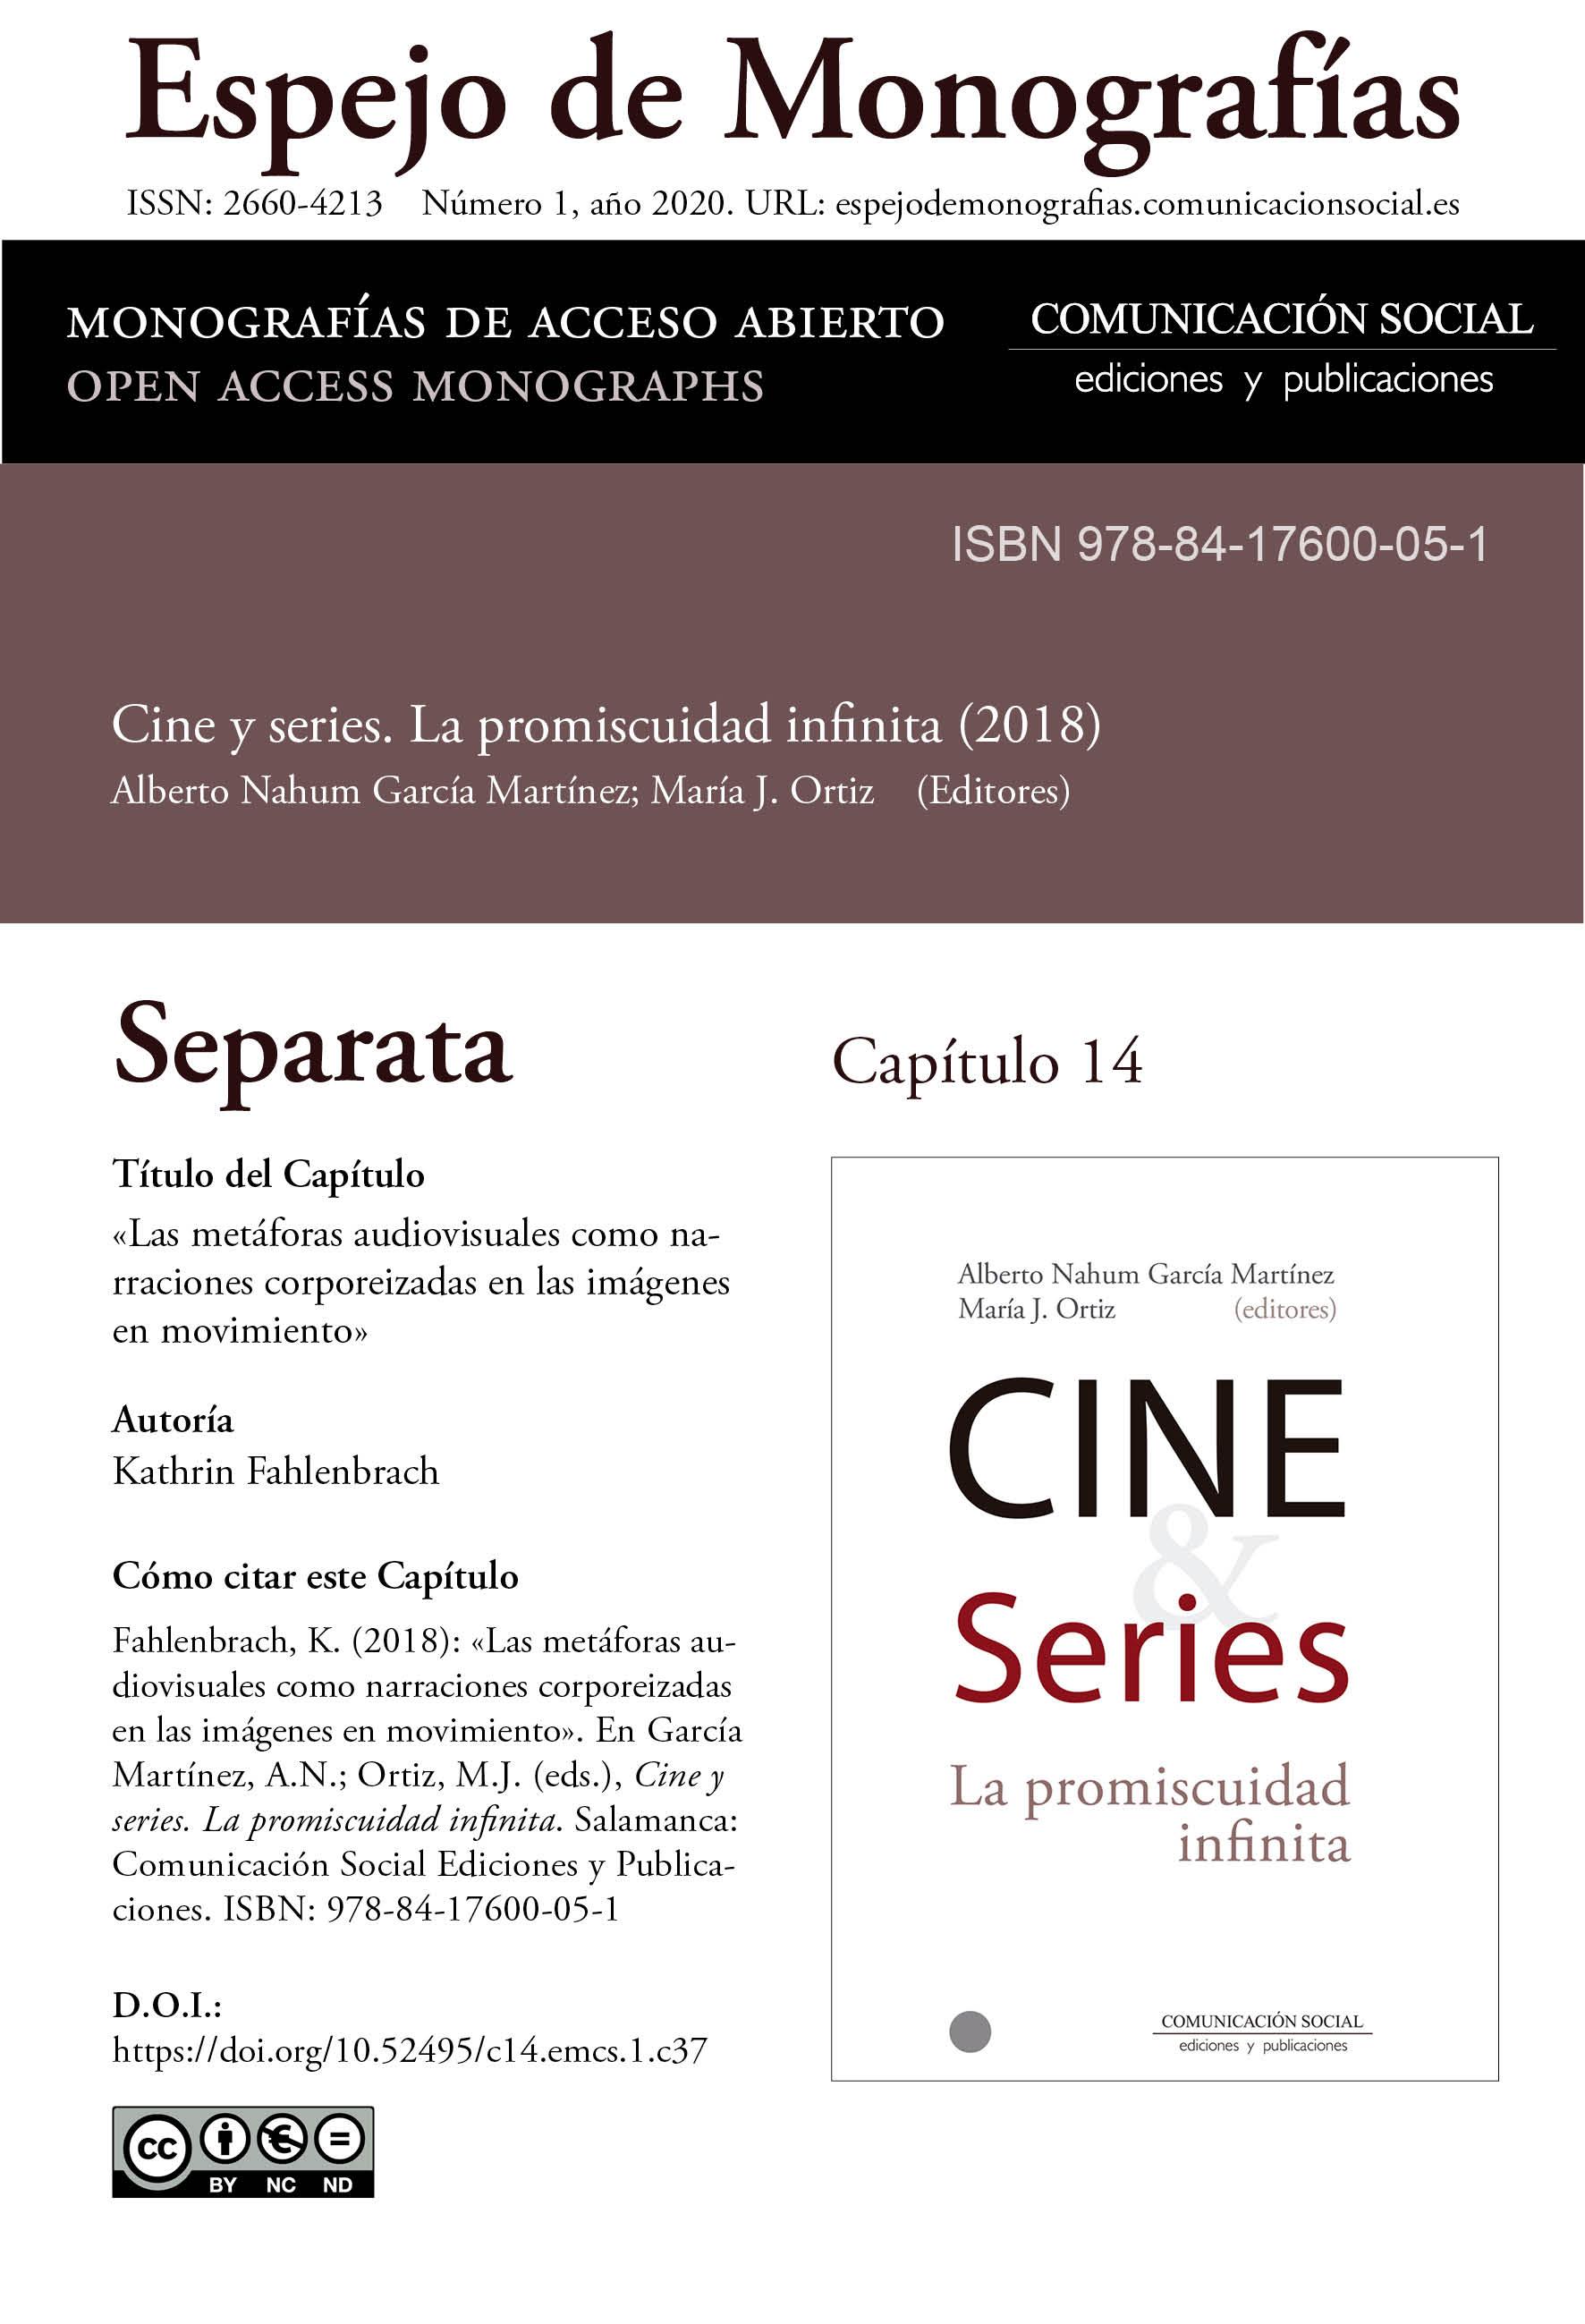 Separata del Capítulo 14 correspondiente a la monografía Cine y series: la promiscuidad infinita